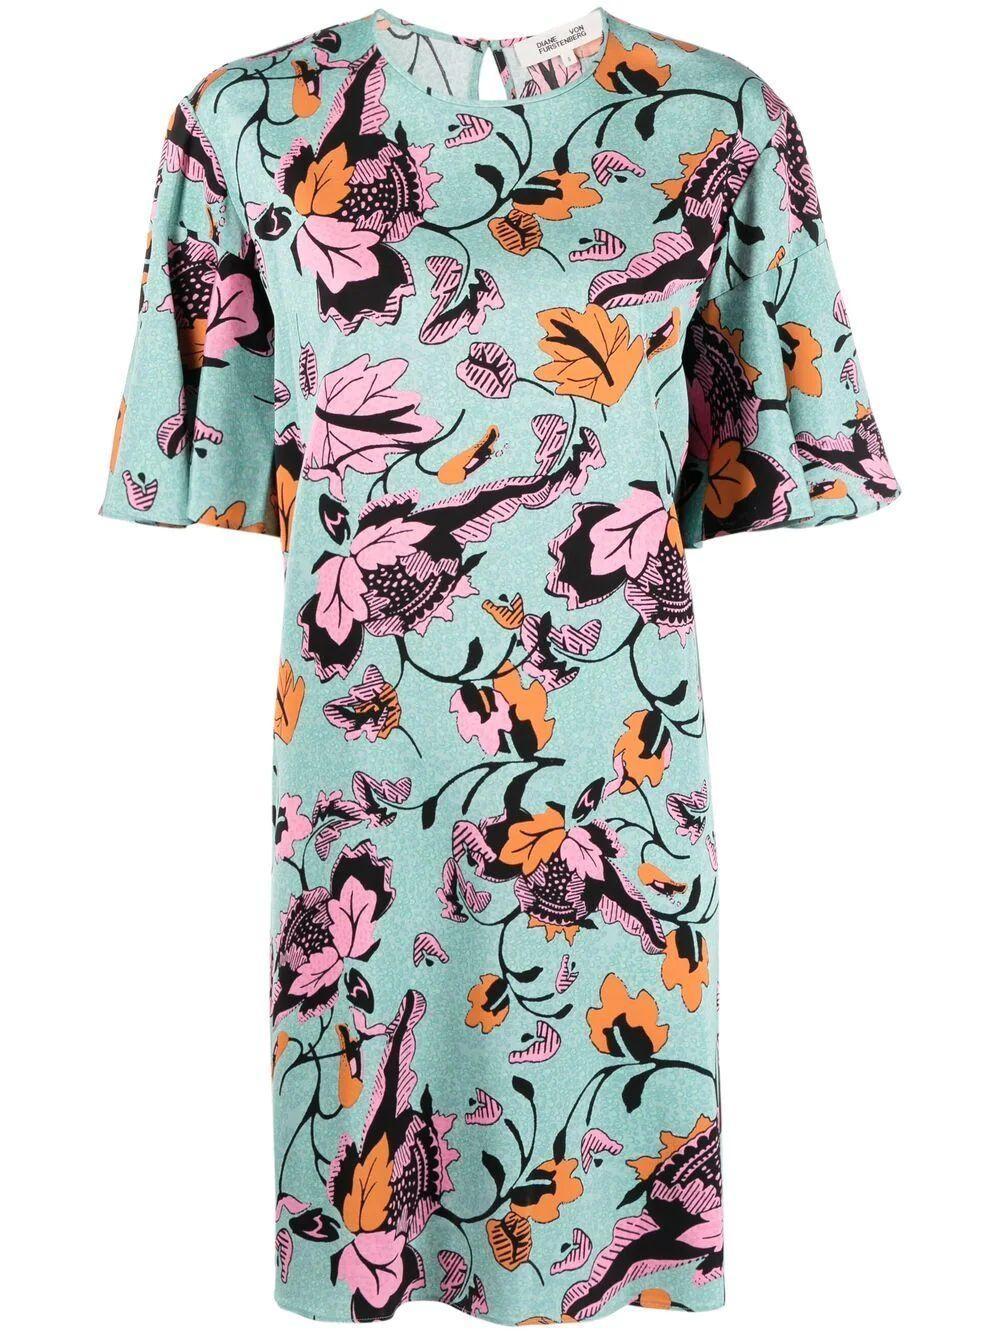 Diane Von Furstenberg Arlene Floral Shift Dress Item # DVFDS1P023